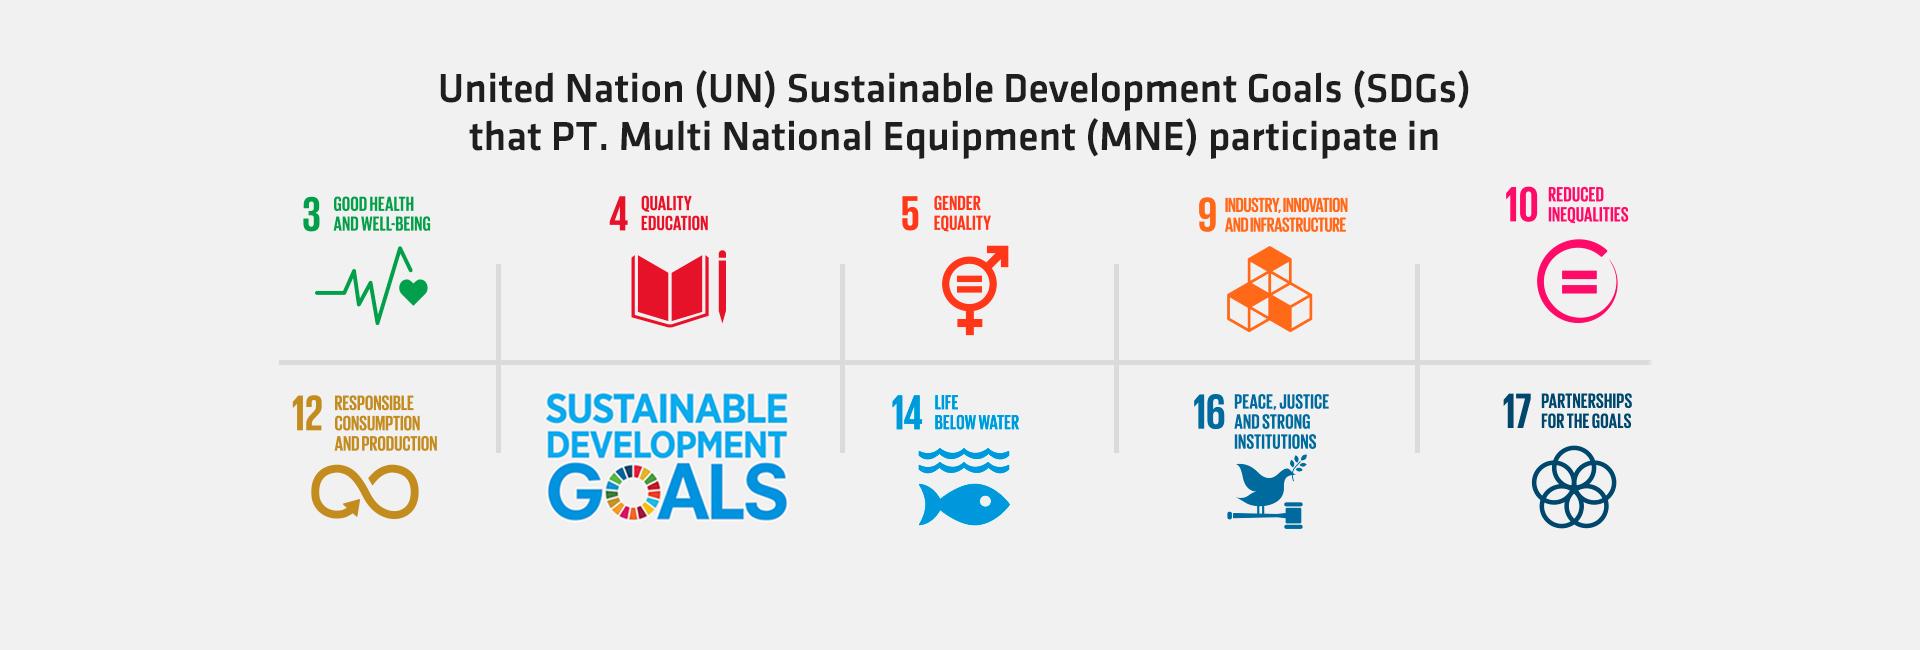 UN SDGs that MNE participate in